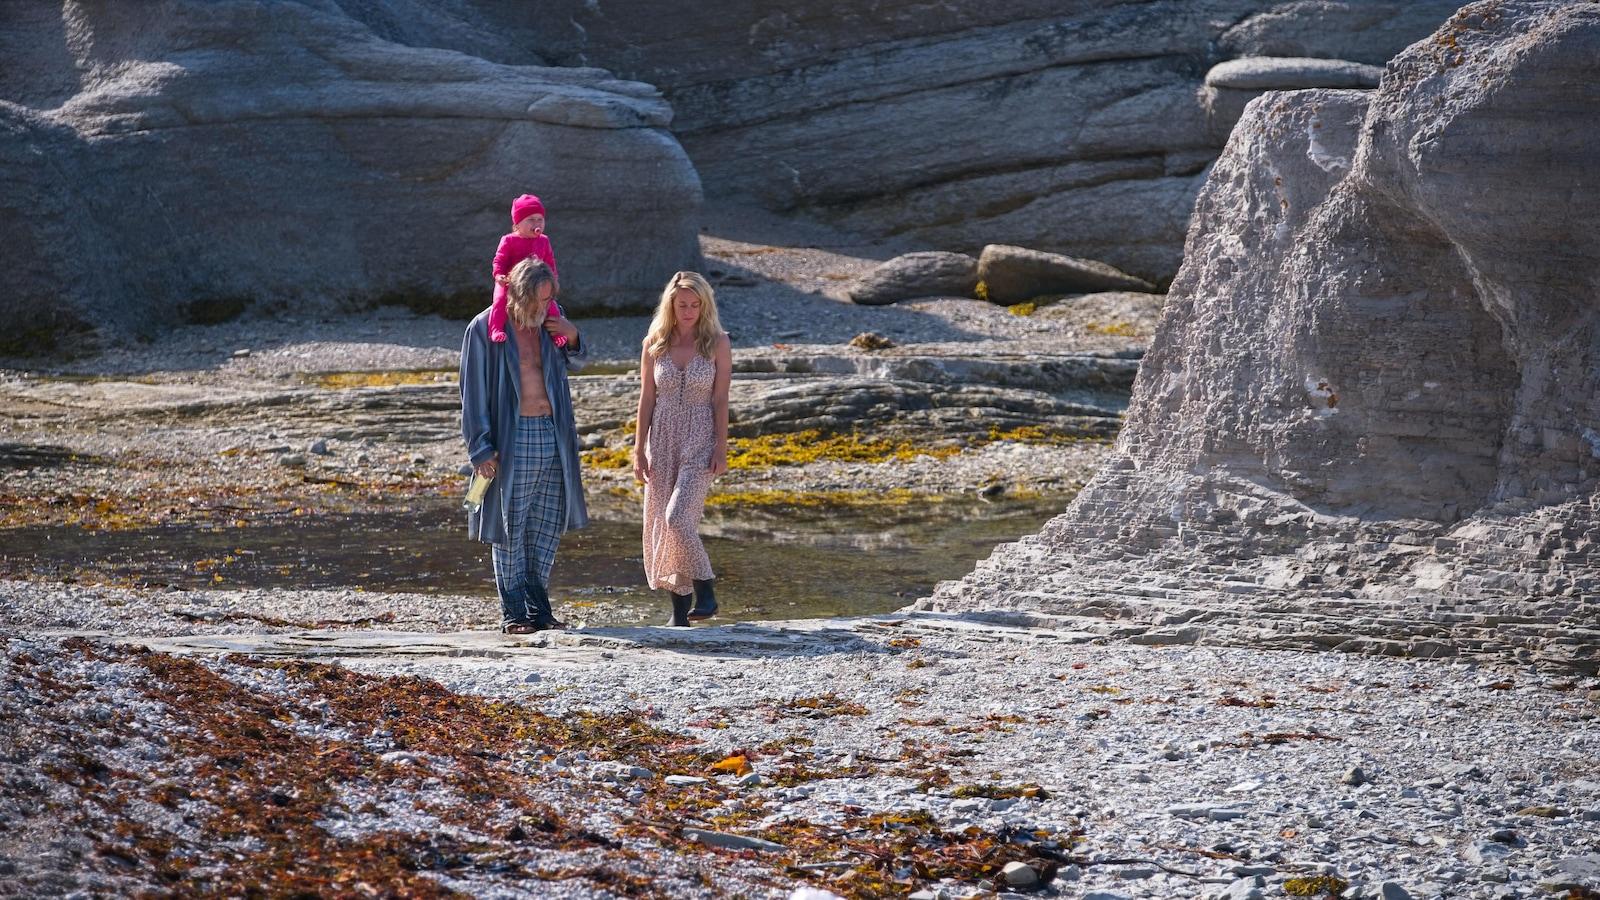 Sur une plage rocailleuse, un homme (Roy Dupuis) avec un bébé sur les épaules et une femme en robe claire (Christine Beaulieu) marchent.